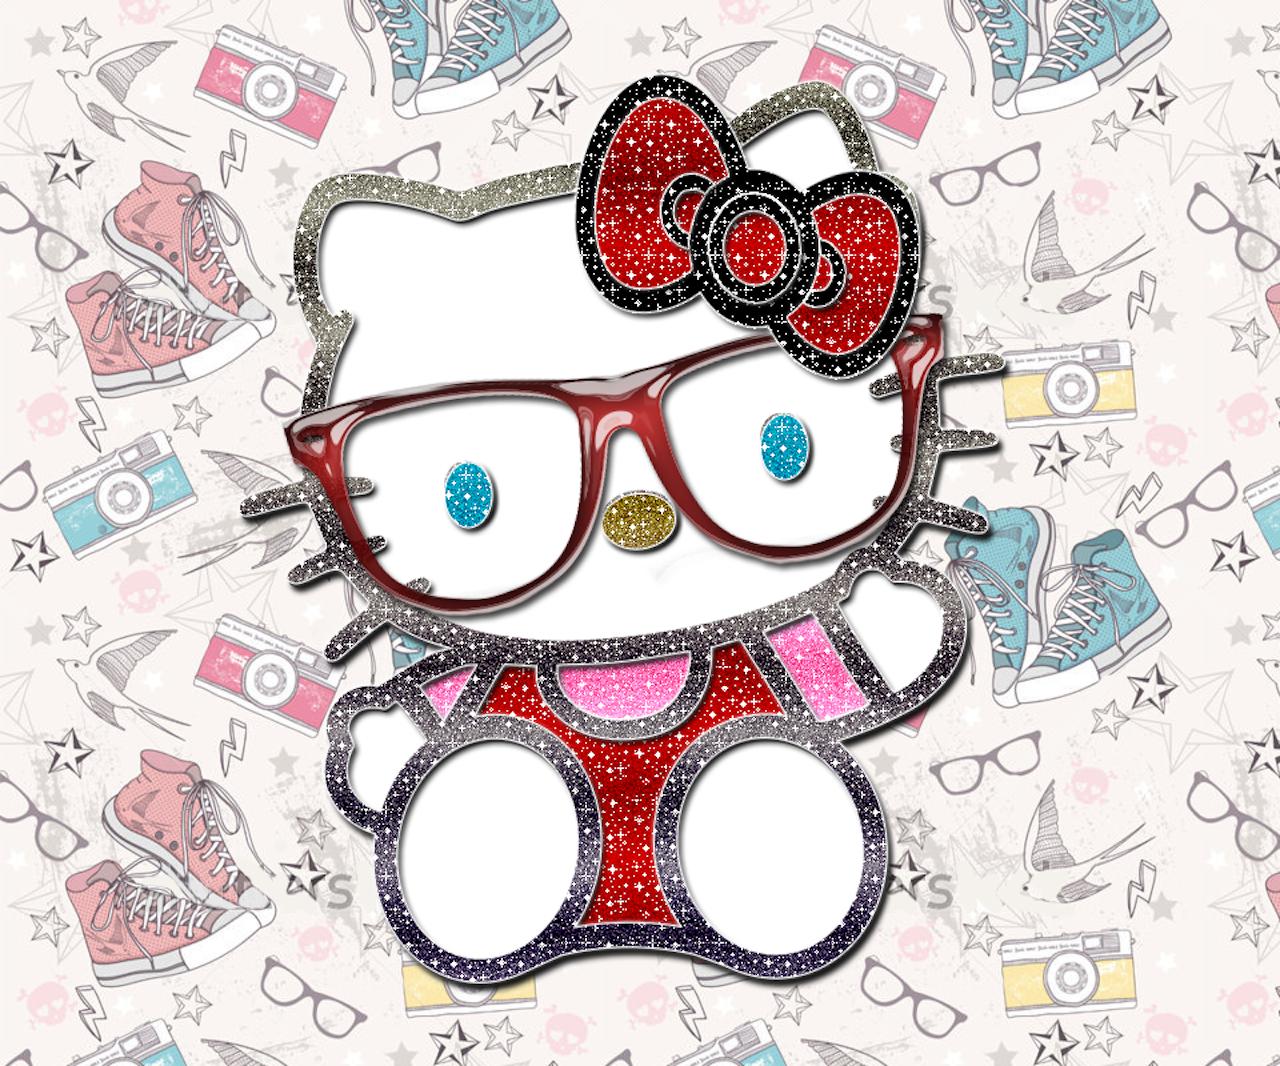 Good Wallpaper Hello Kitty Facebook - 9996cfd6d6590d47f62d7429f82b5b05  Snapshot_324083.png